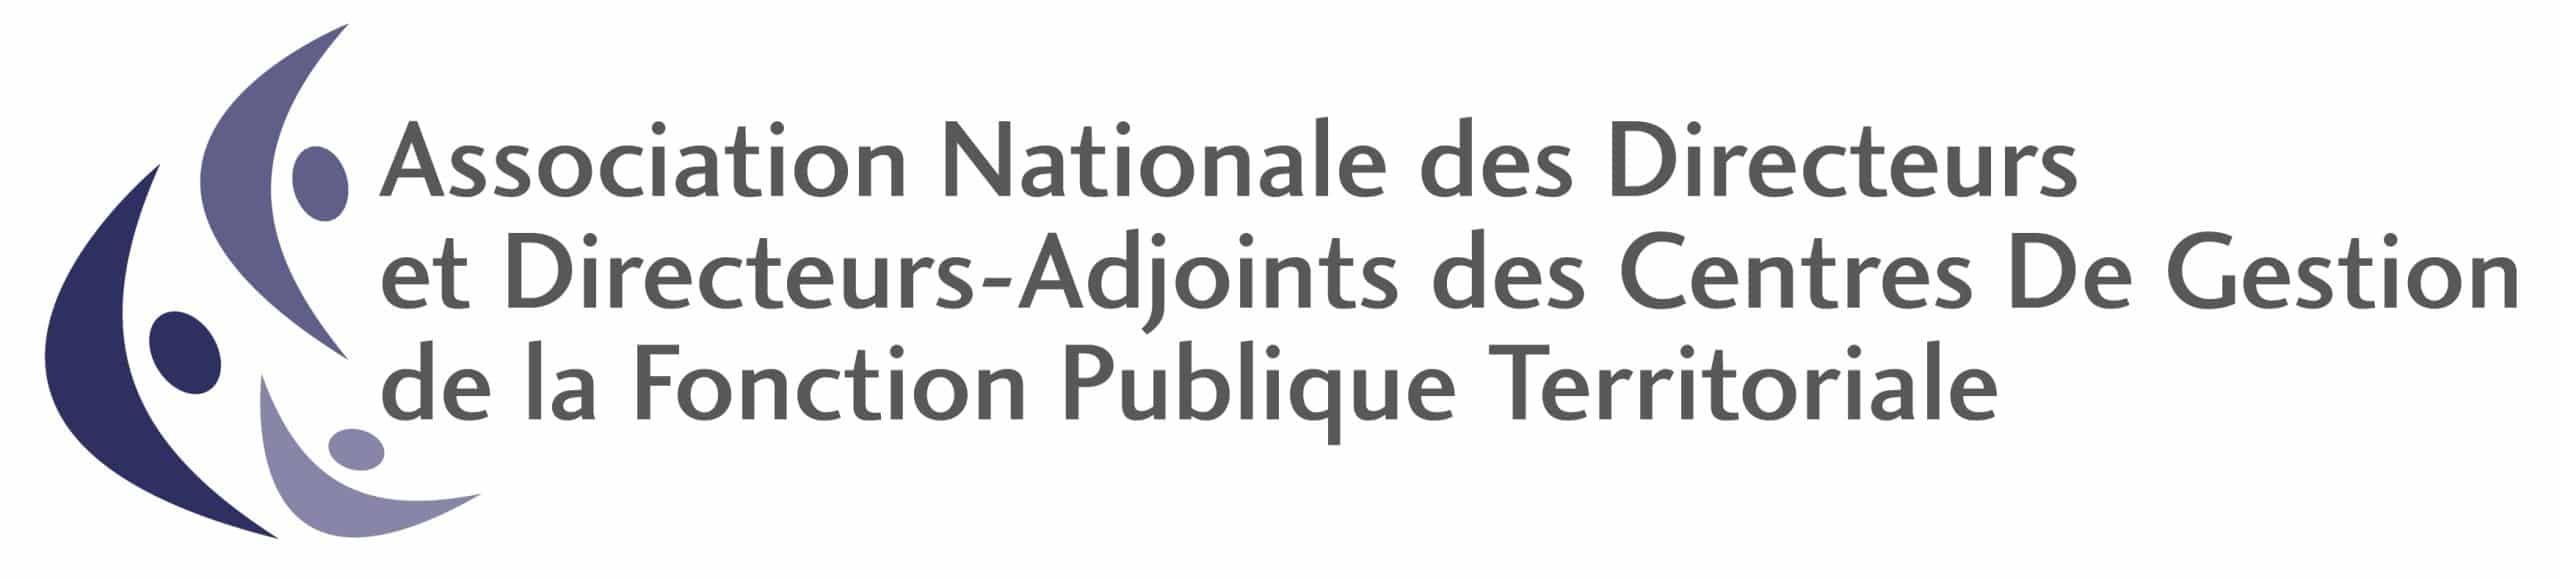 Association Nationale des Directeurs et Directeurs-Adjoints des Centres de Gestion de la Fonction Publique Territoriale